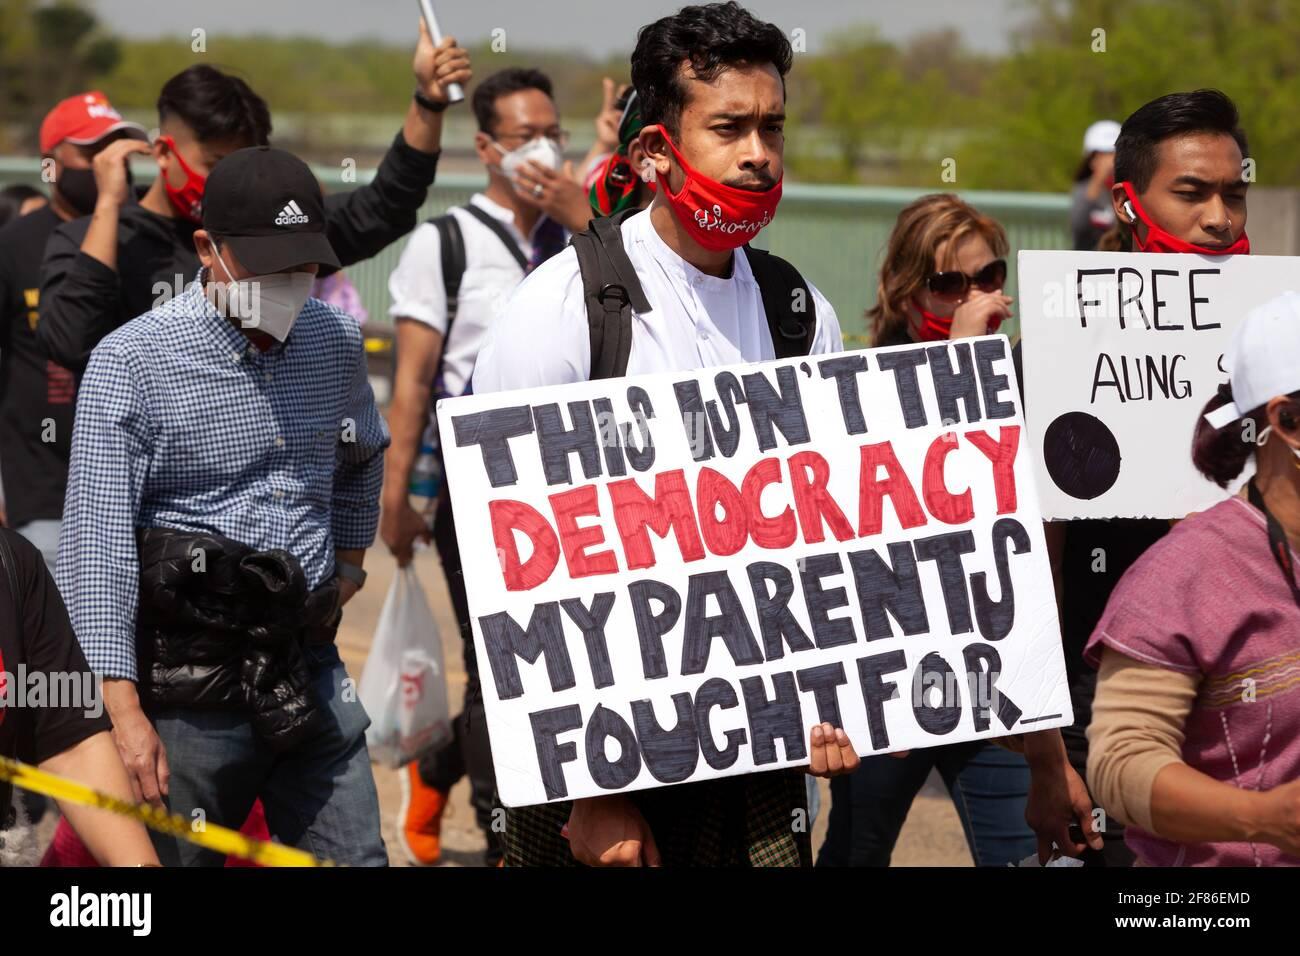 Un jeune homme porte un signe faisant référence aux sacrifices de ses parents pour la démocratie lors d'une marche contre le coup d'État en Birmanie. Banque D'Images